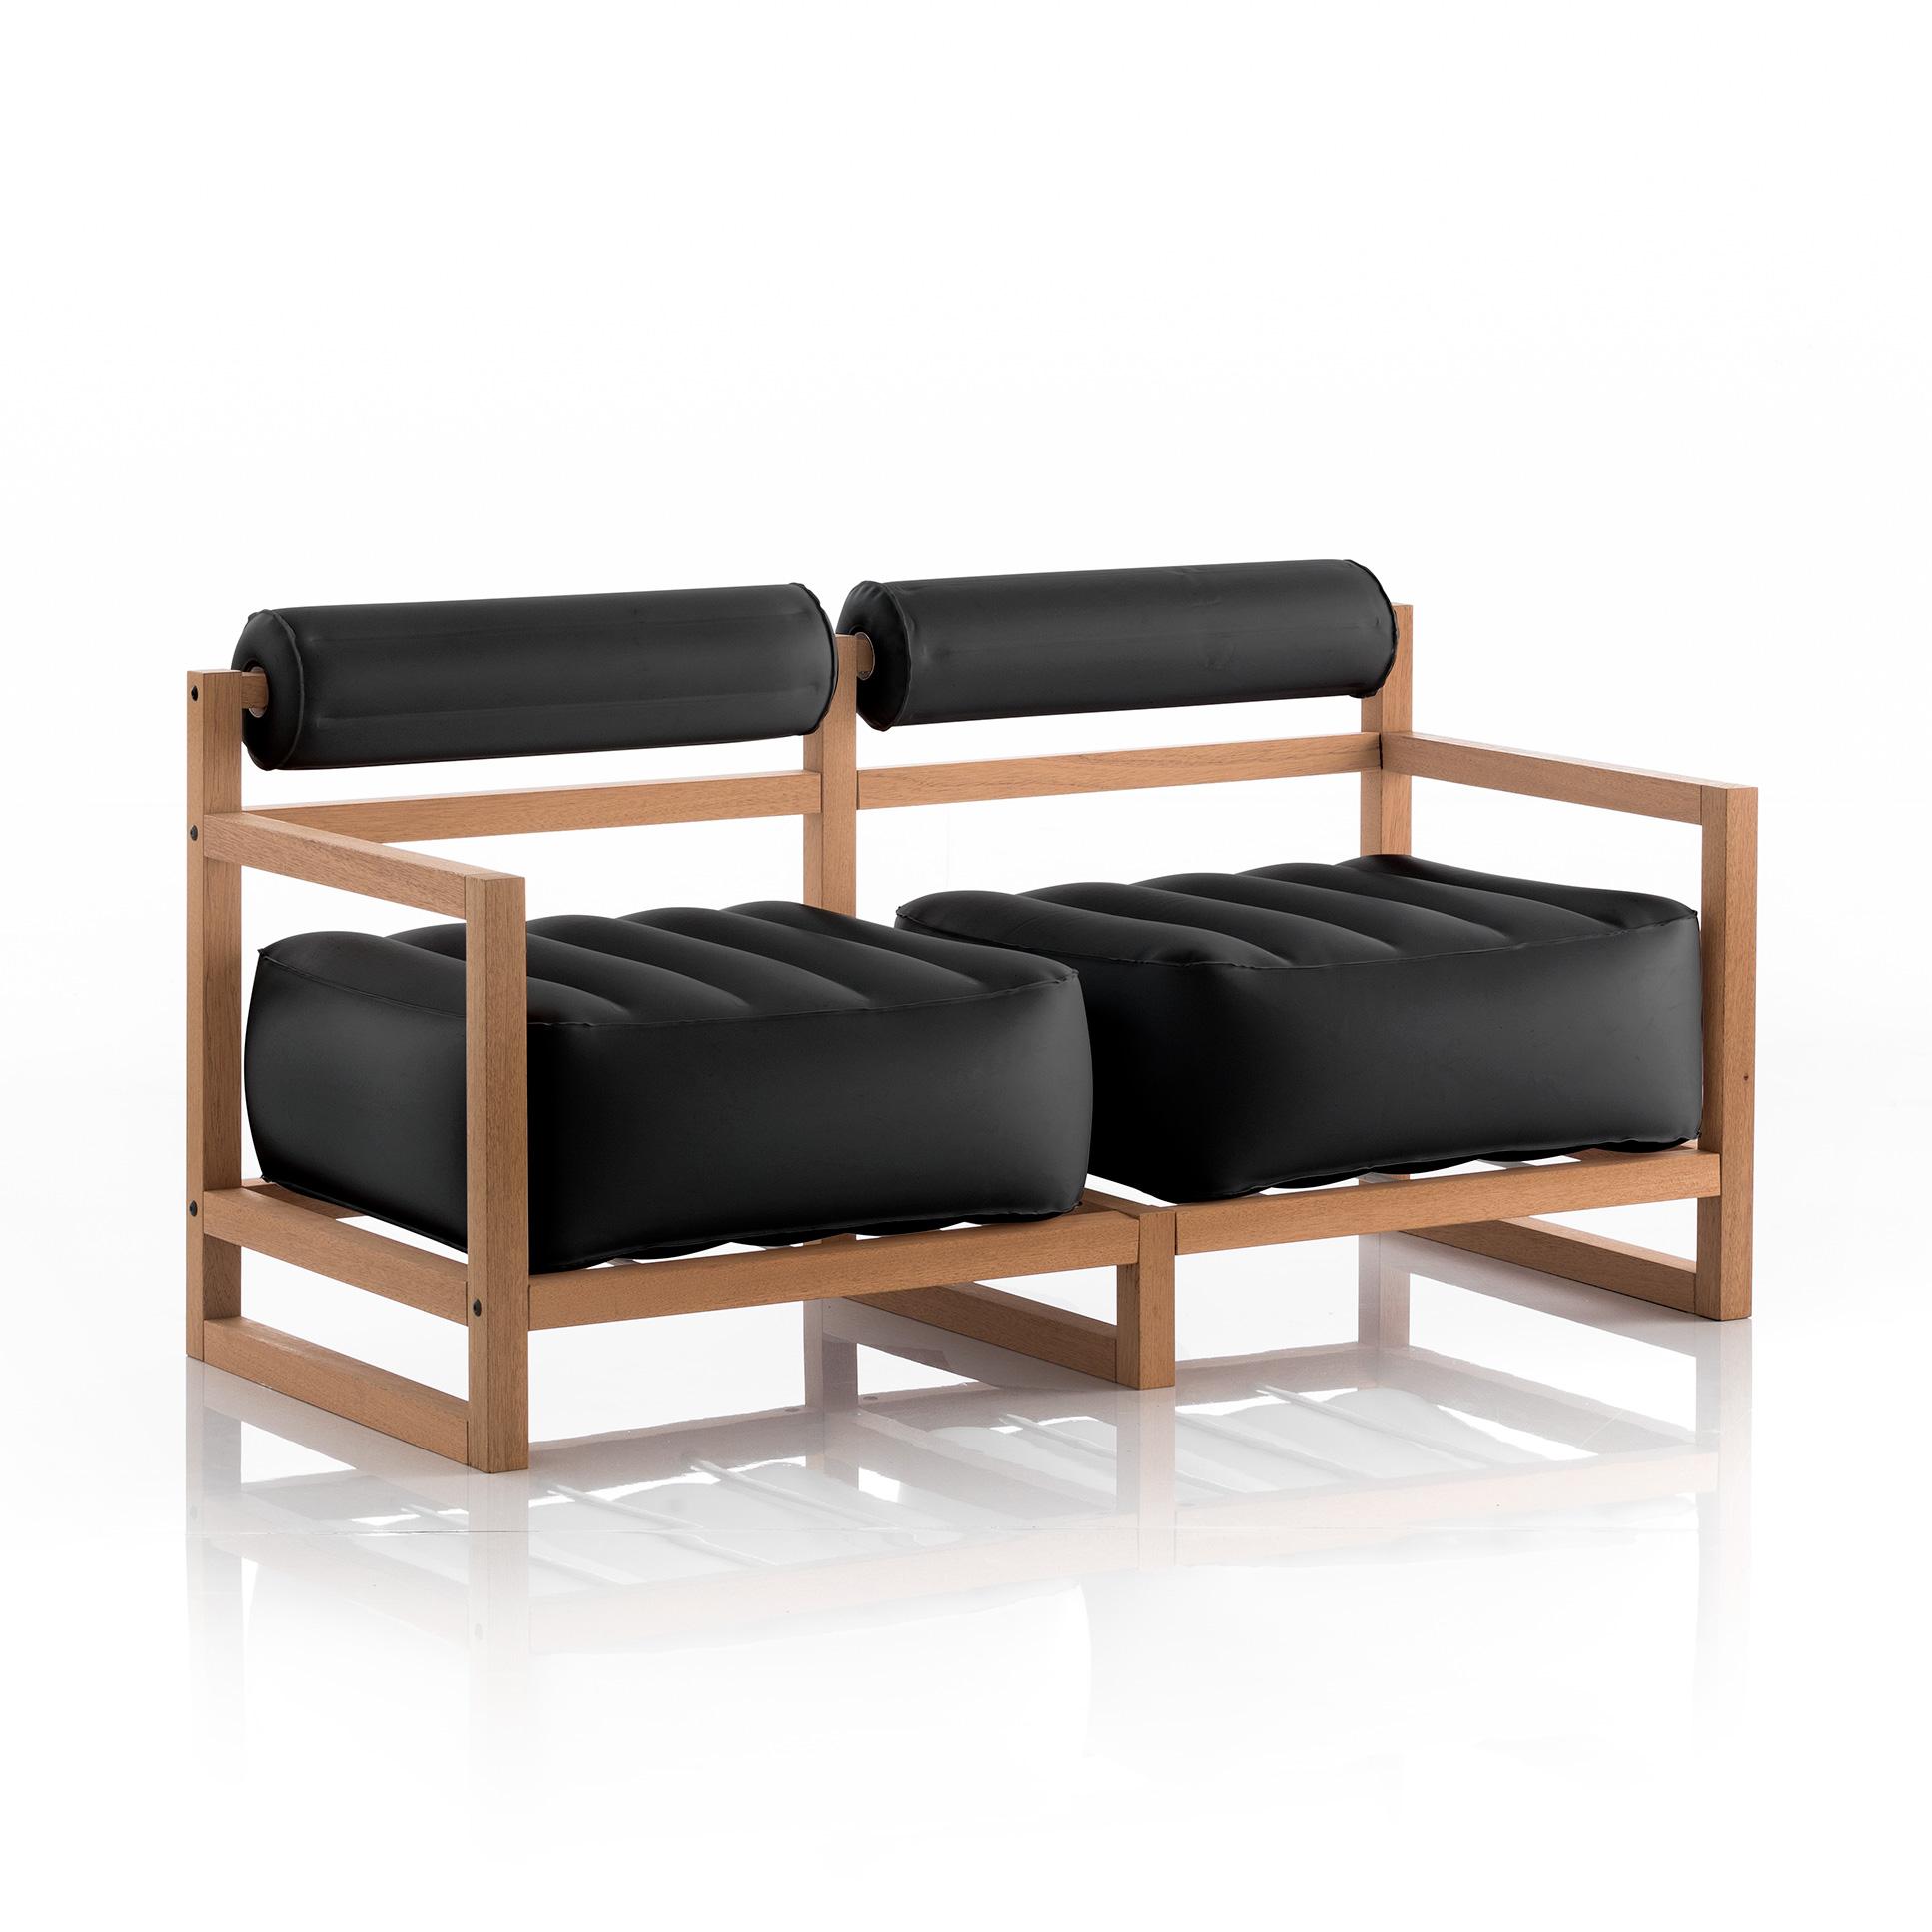 Canapé 2 places pvc noir opaque cadre en bois